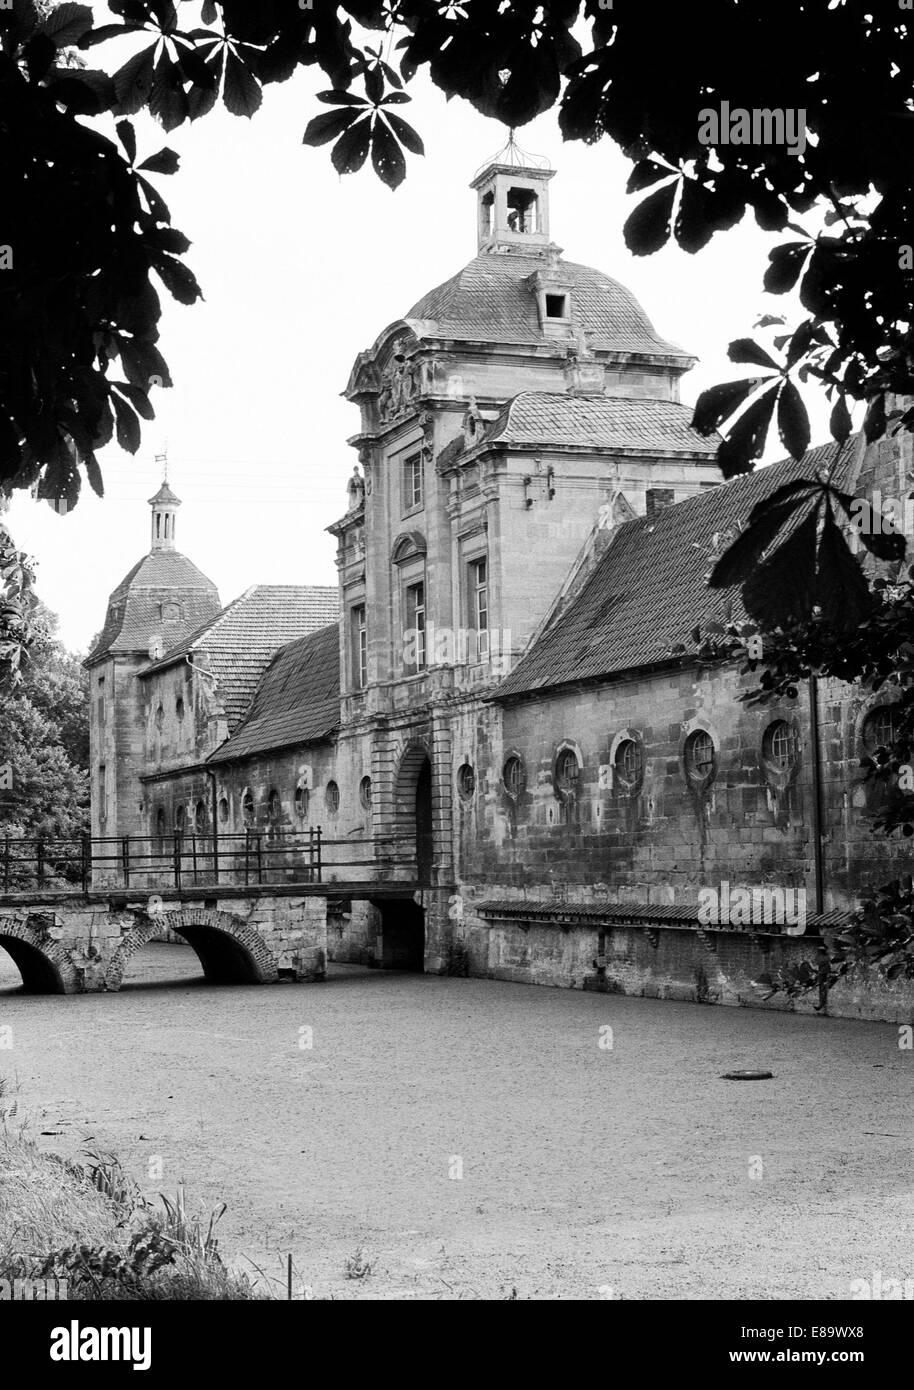 Siebziger Jahre, Klassizismus, Wasserschloss Haus Stapel in Havixbeck, Muensterland, Nordrhein-Westfalen - Stock Image